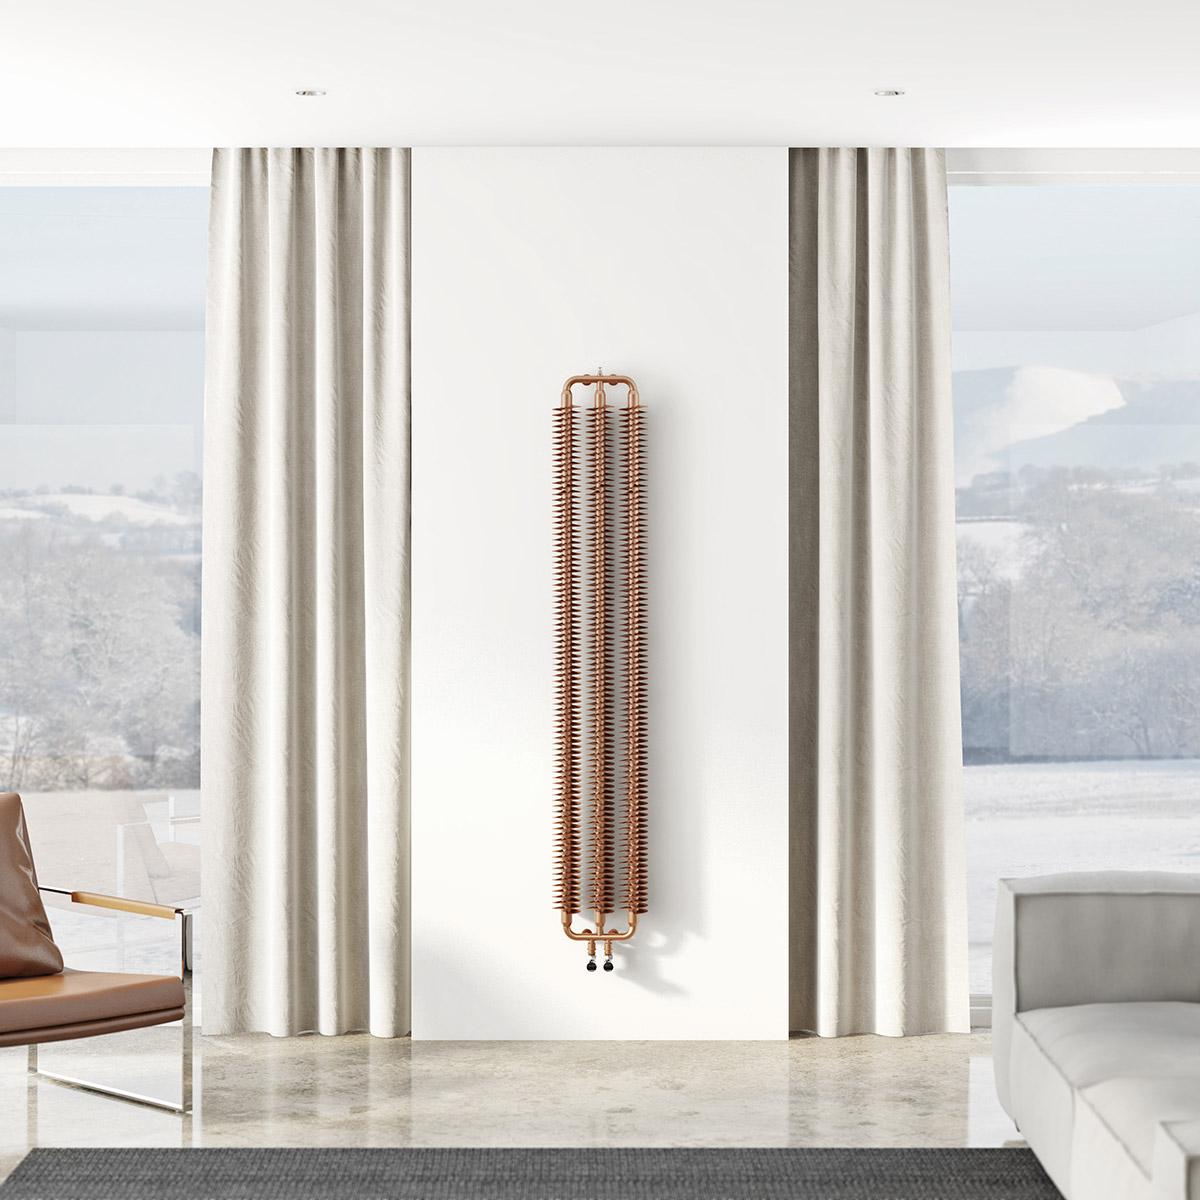 Вертикальный радиатор в доме